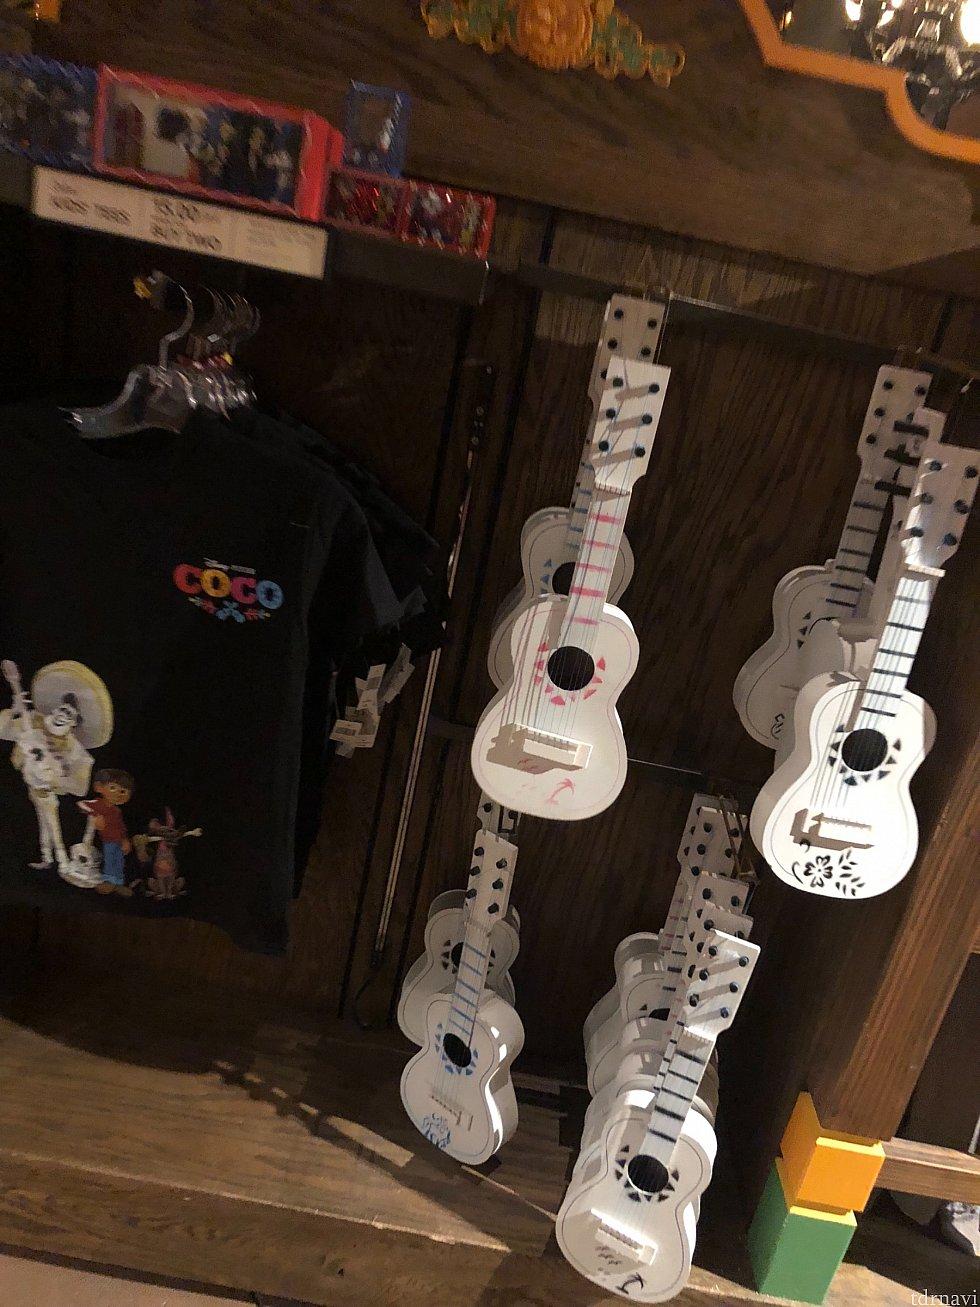 COCOのTシャツも売っていました。